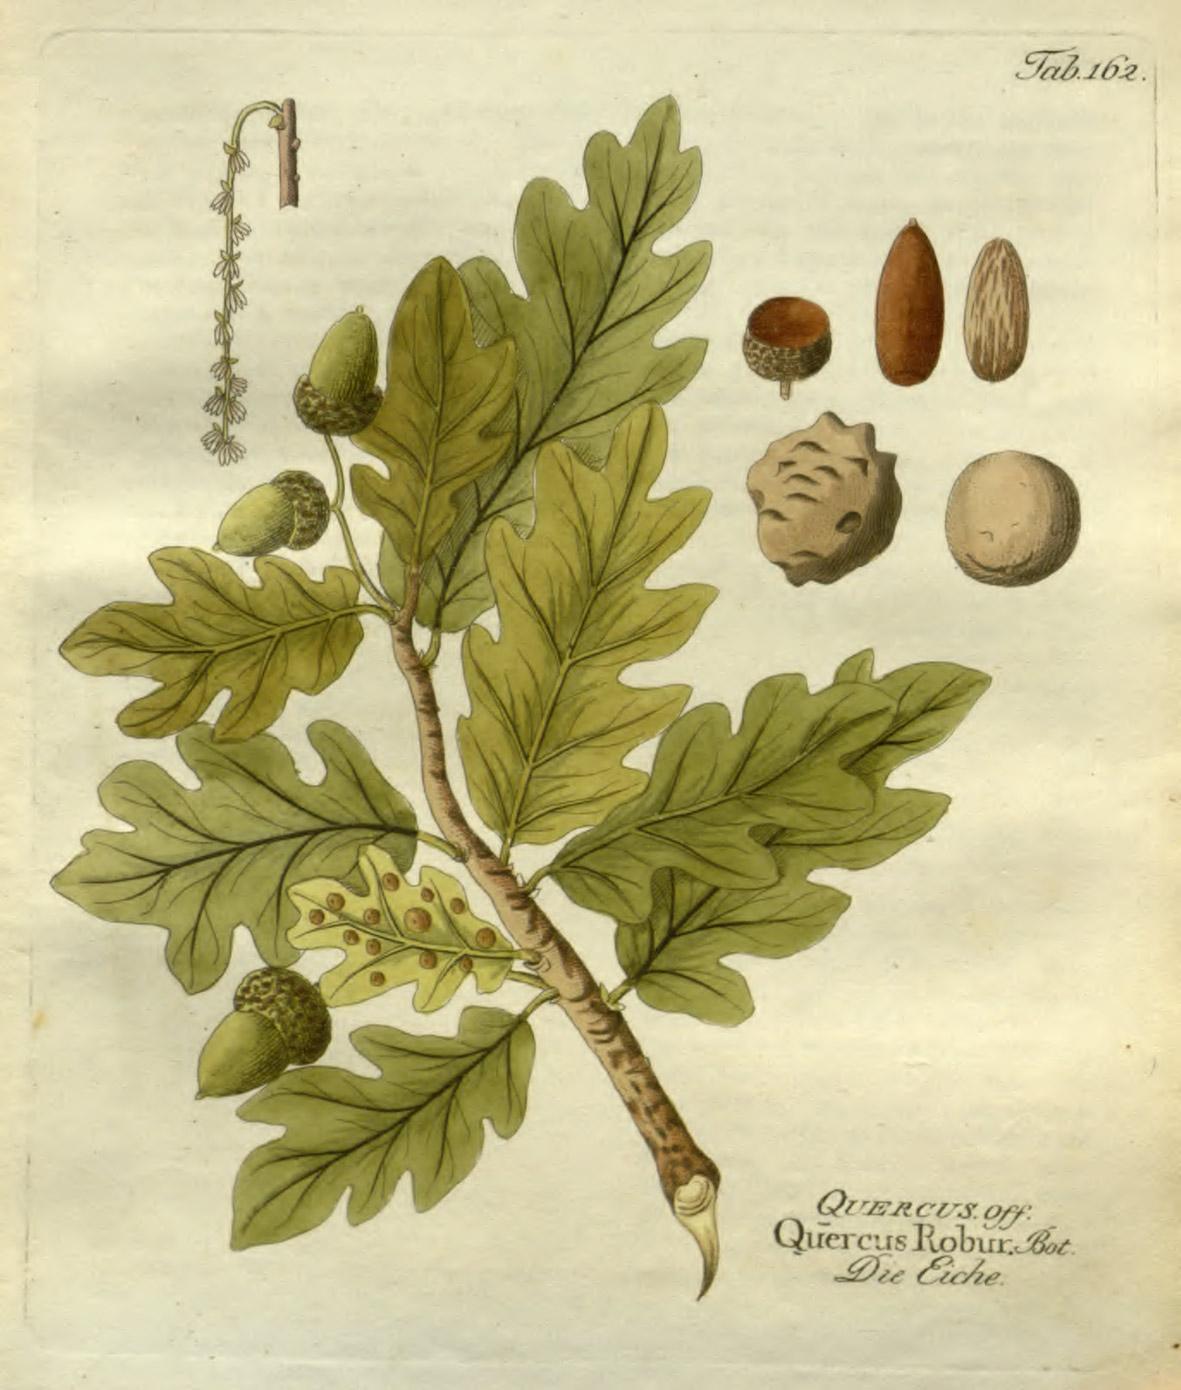 http://heublumen.net/images/heilpflanze-zeichnung/eiche-illustration.jpg